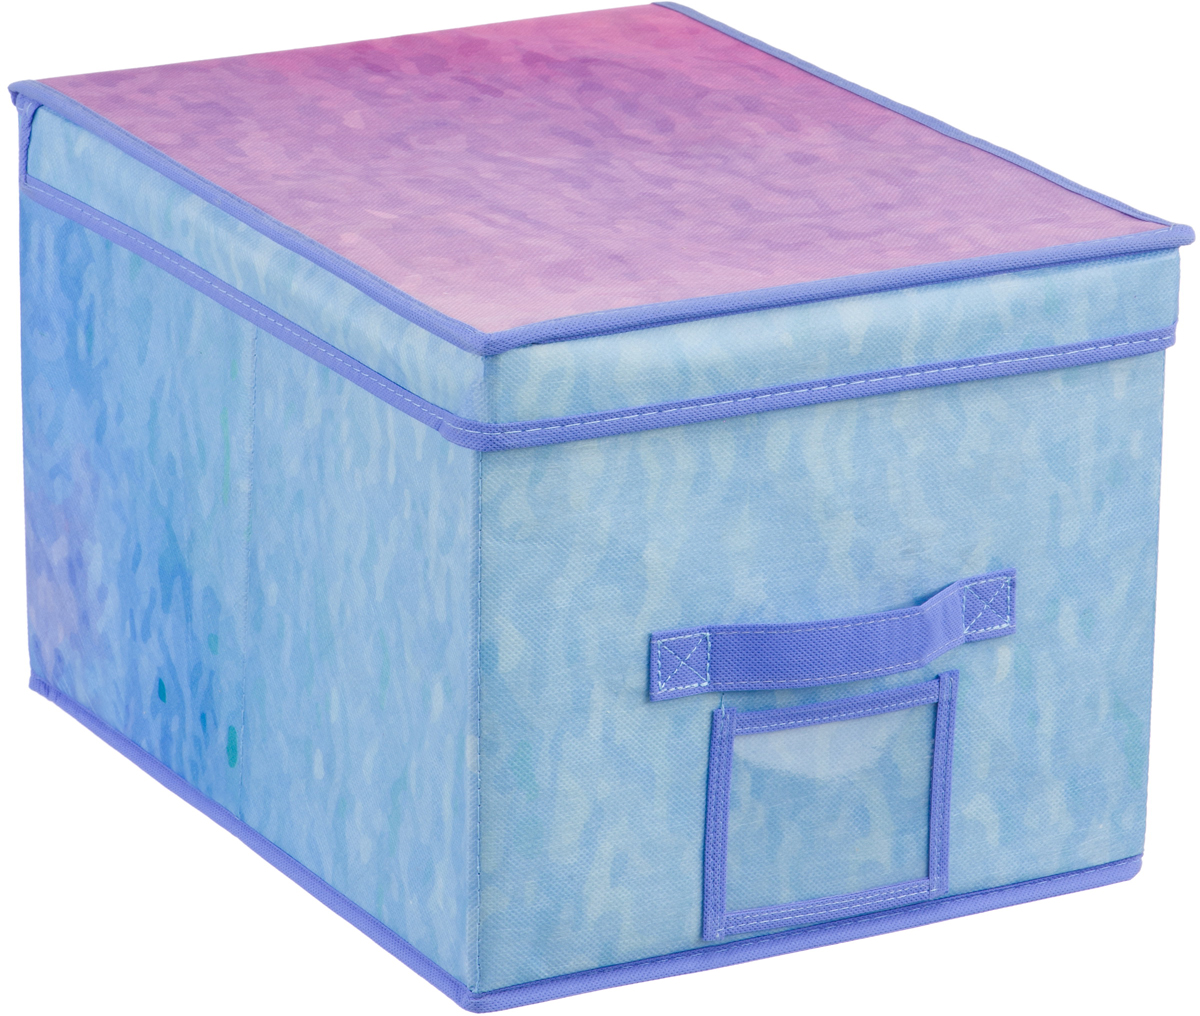 Короб для хранения Handy Home Акварель, цвет: синий, фиолетовый, 30 х 40 х 25 смUC-75Короб прямоугольный складной с крышкой. Занимает минимум места в сложенном виде. Естественная вентиляция: материал позволяет воздуху свободно проникать внутрь, не пропуская пыль. Подходит для хранения одежды, обуви, мелких предметов, документов и многого другого. Соберите всю коллекцию и наслаждайтесь аккуратностью и эстетикой своего гардероба.